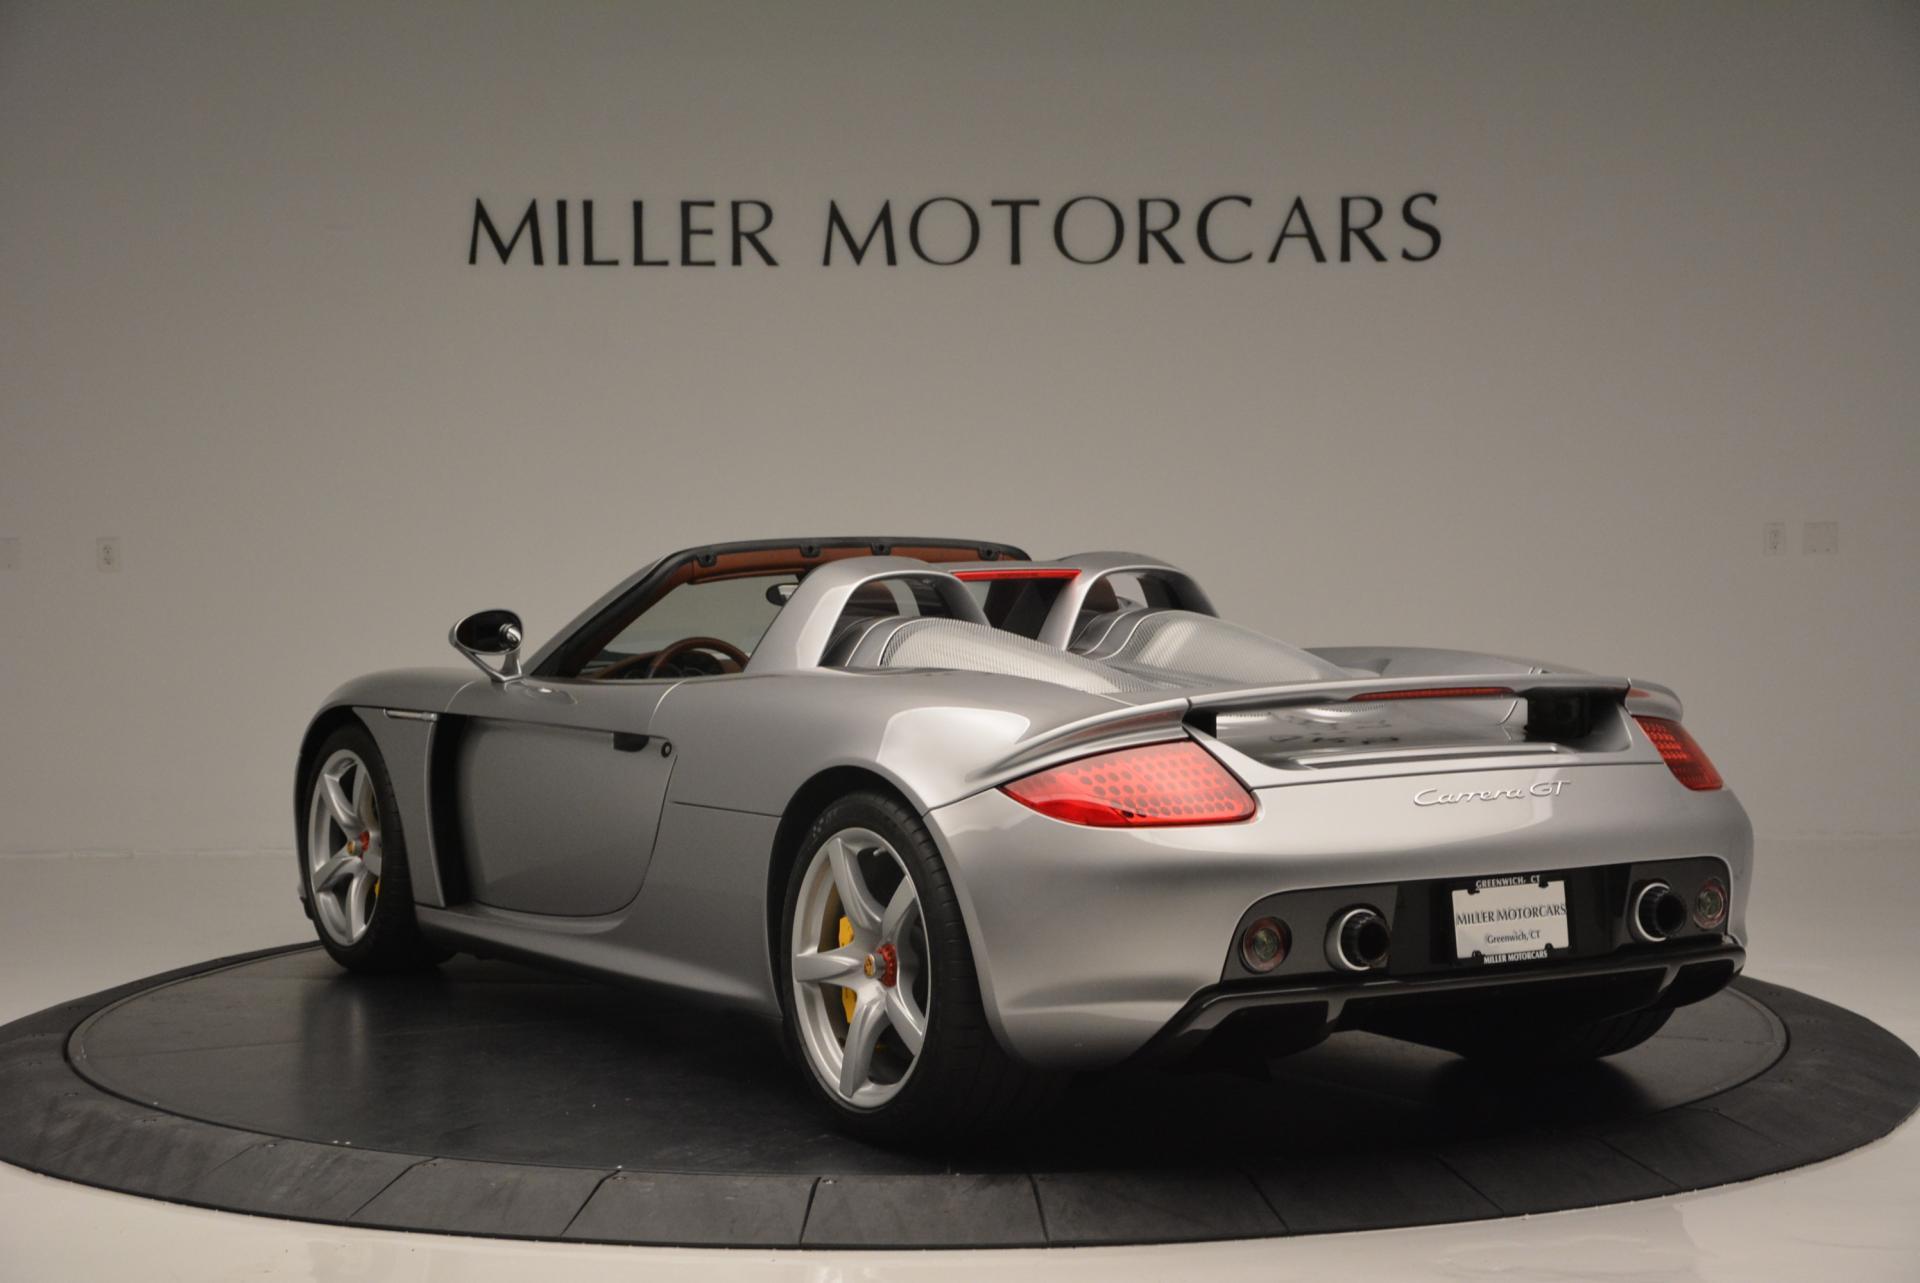 Used 2005 Porsche Carrera GT  For Sale In Greenwich, CT. Alfa Romeo of Greenwich, 7114 108_p6